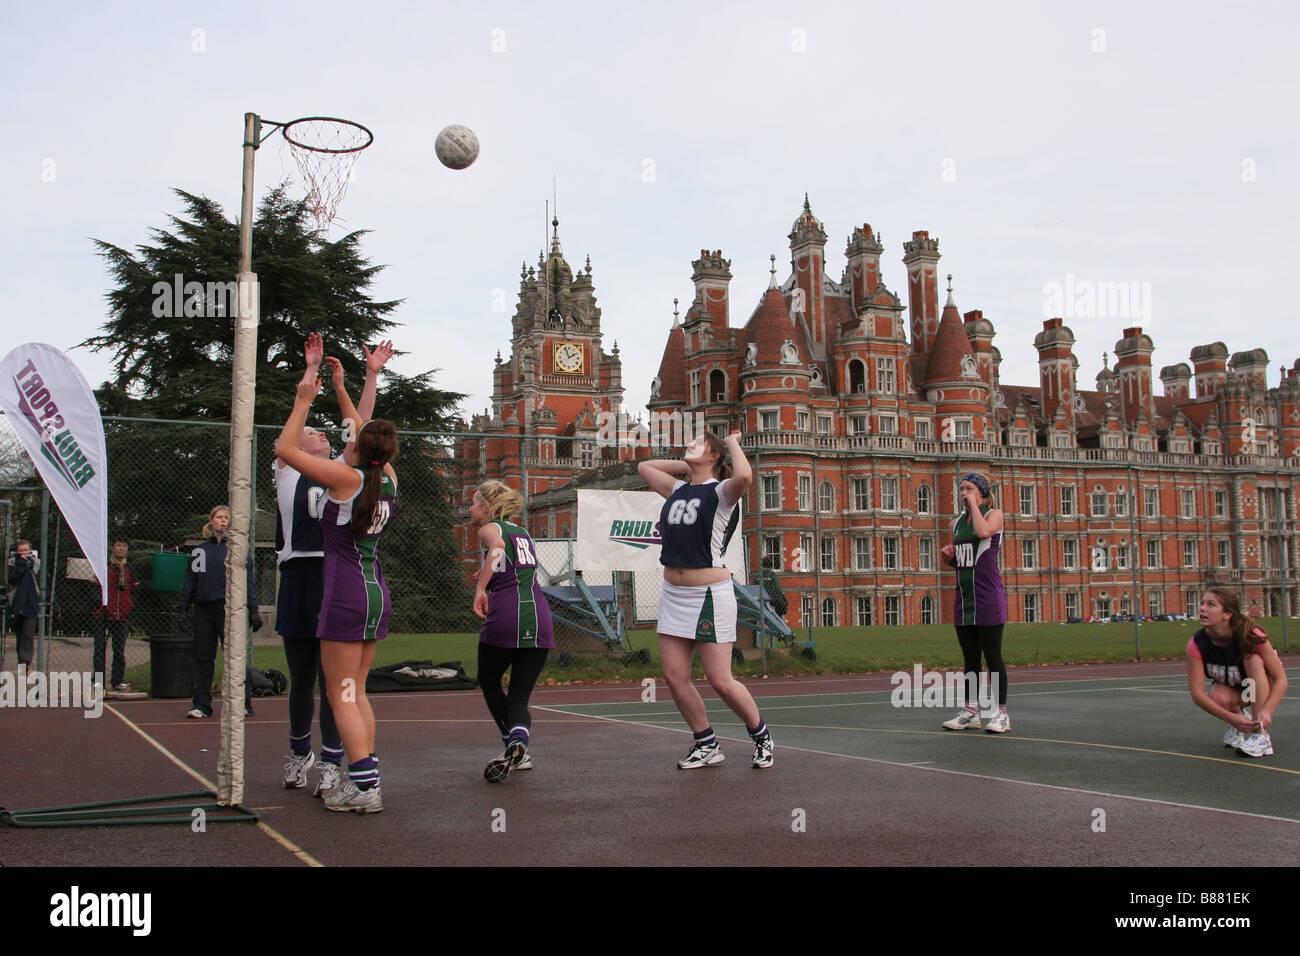 Une balle dans un match de netball en face de l'immeuble du Fondateur Royal Holloway University de Londres Egham Photo Stock